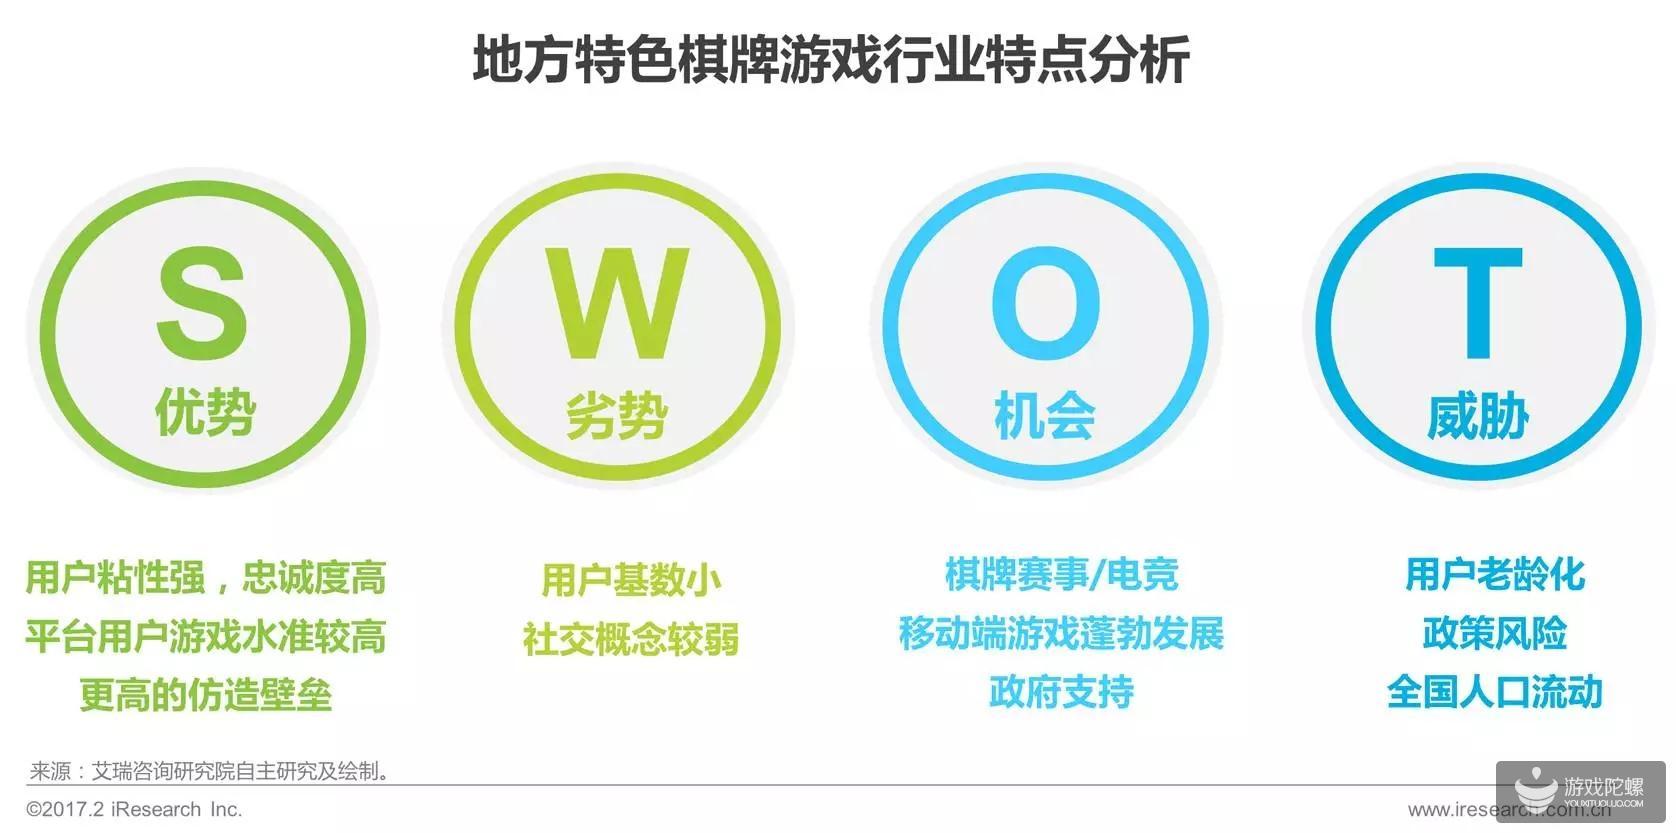 《中国地方特色棋牌白皮书》:规模38.4亿 近6成用户付费